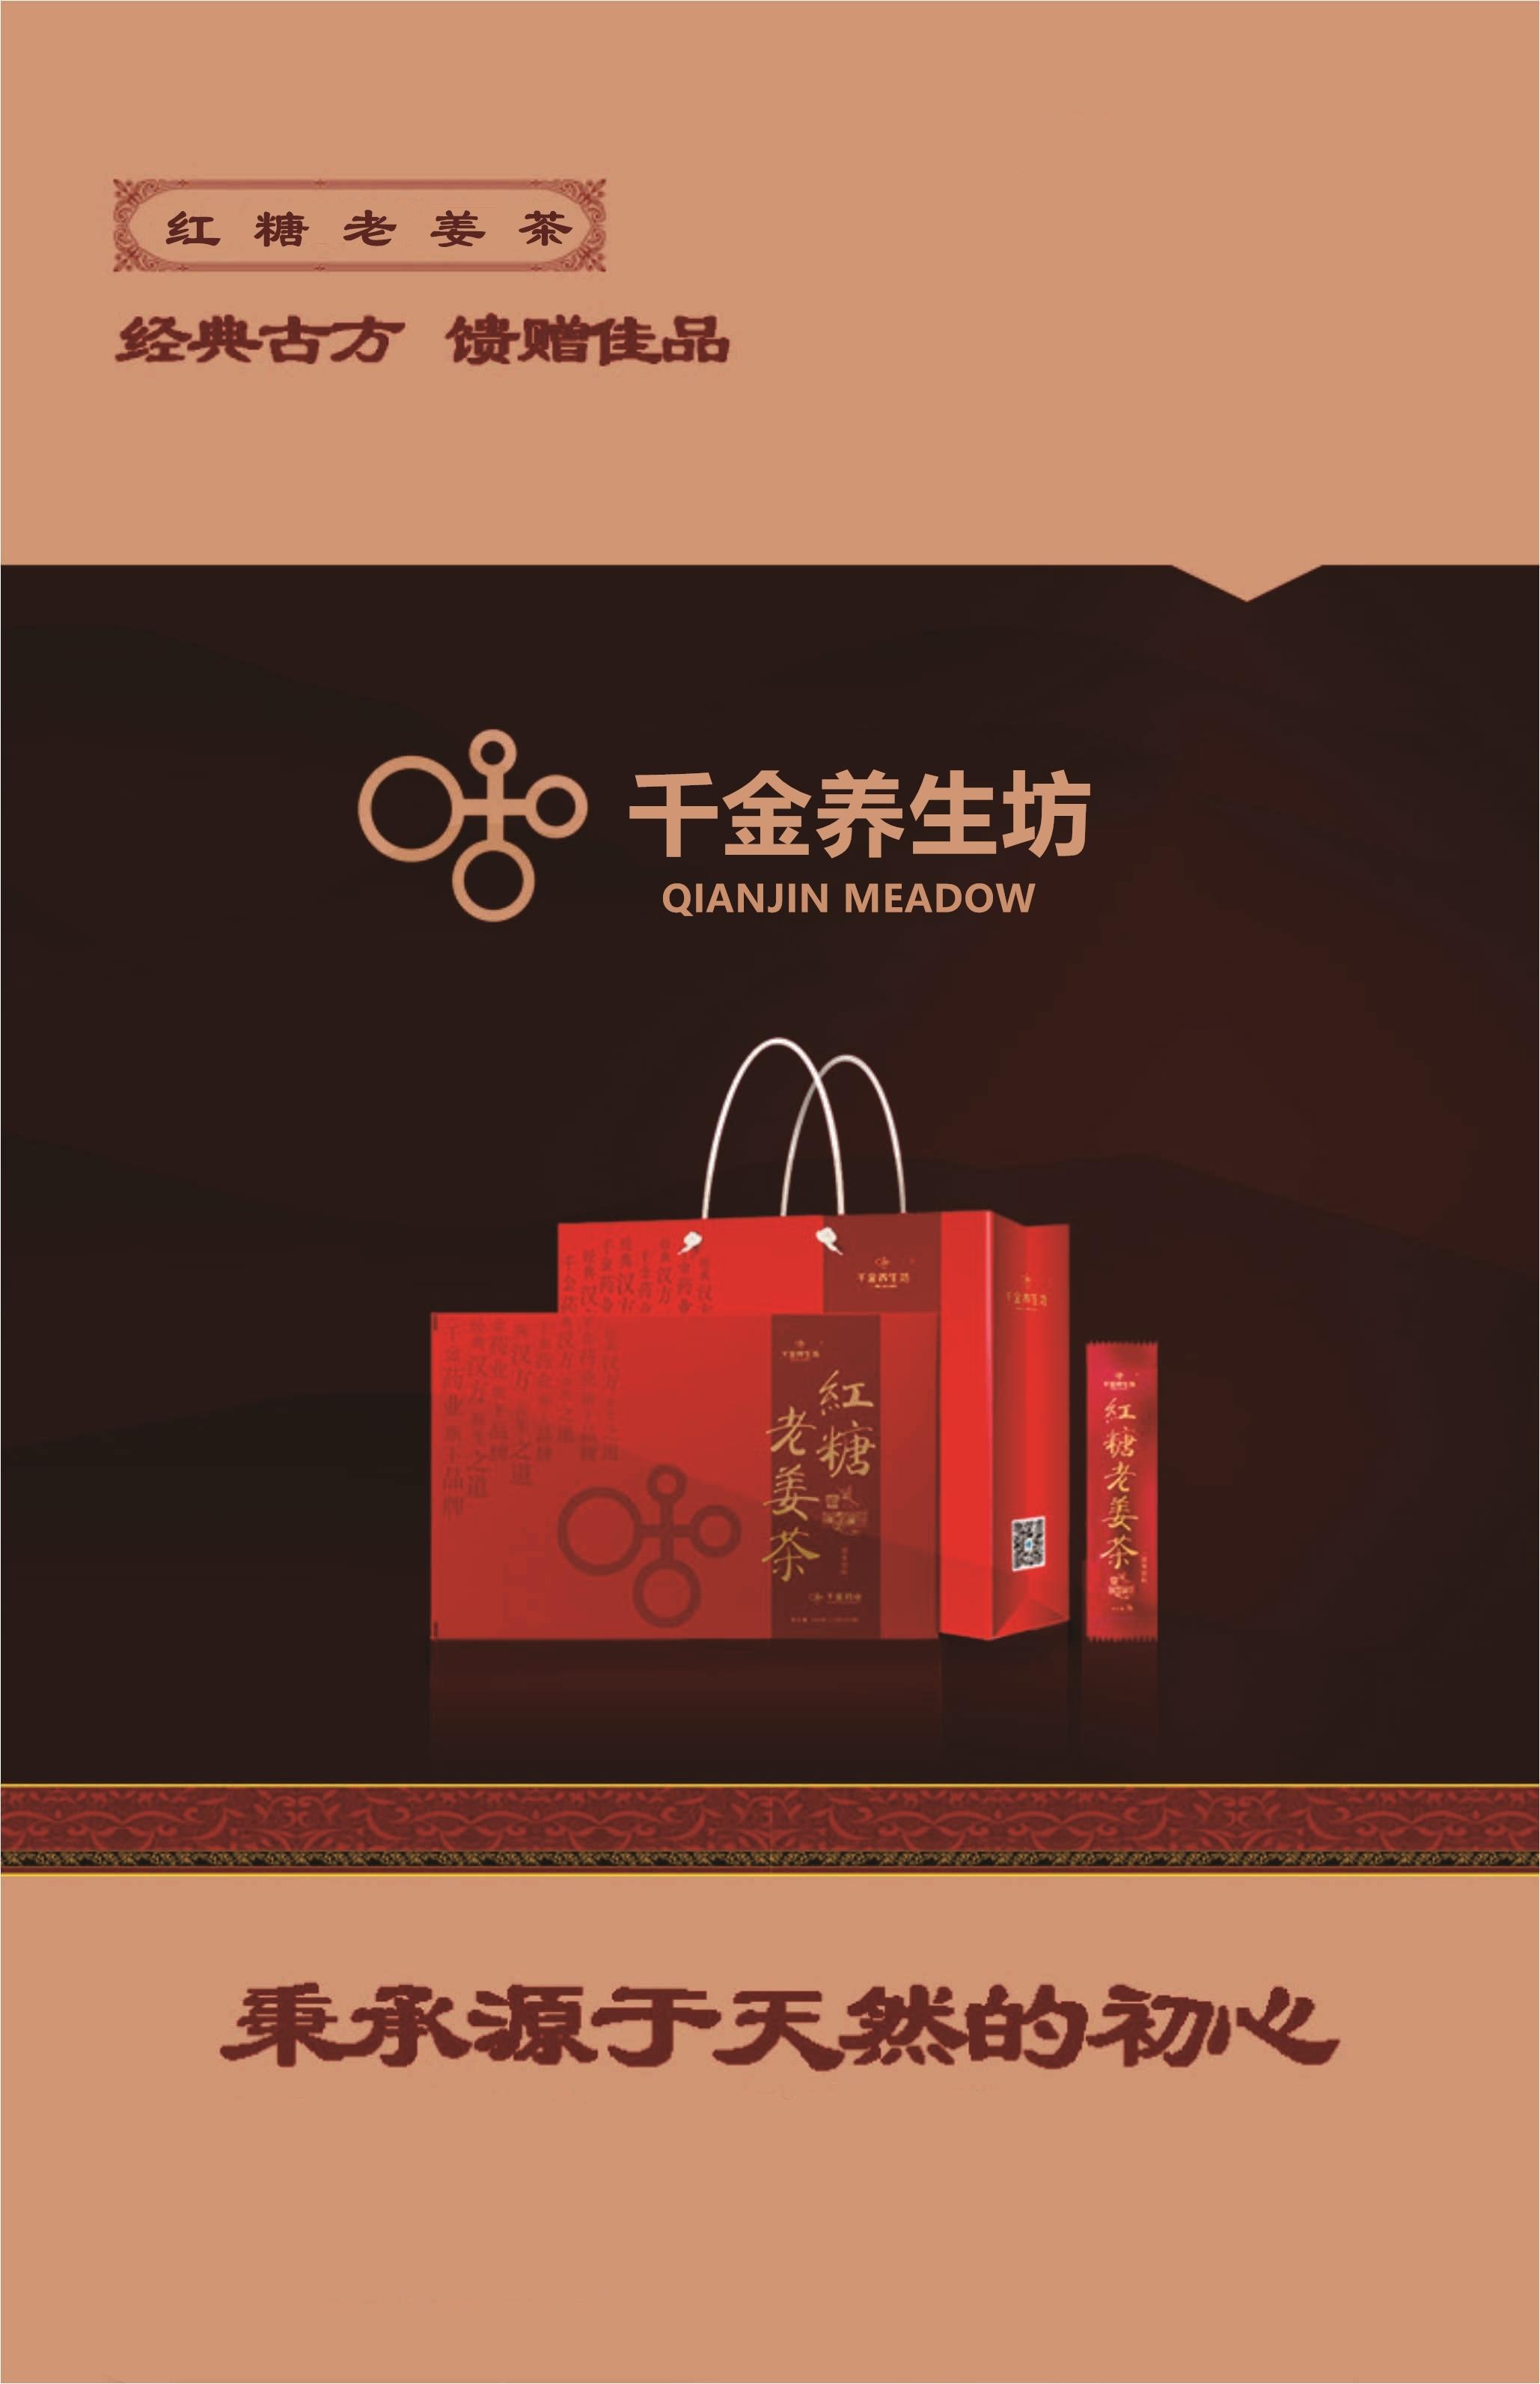 紅糖姜茶禮盒修改-12027555_04_副本